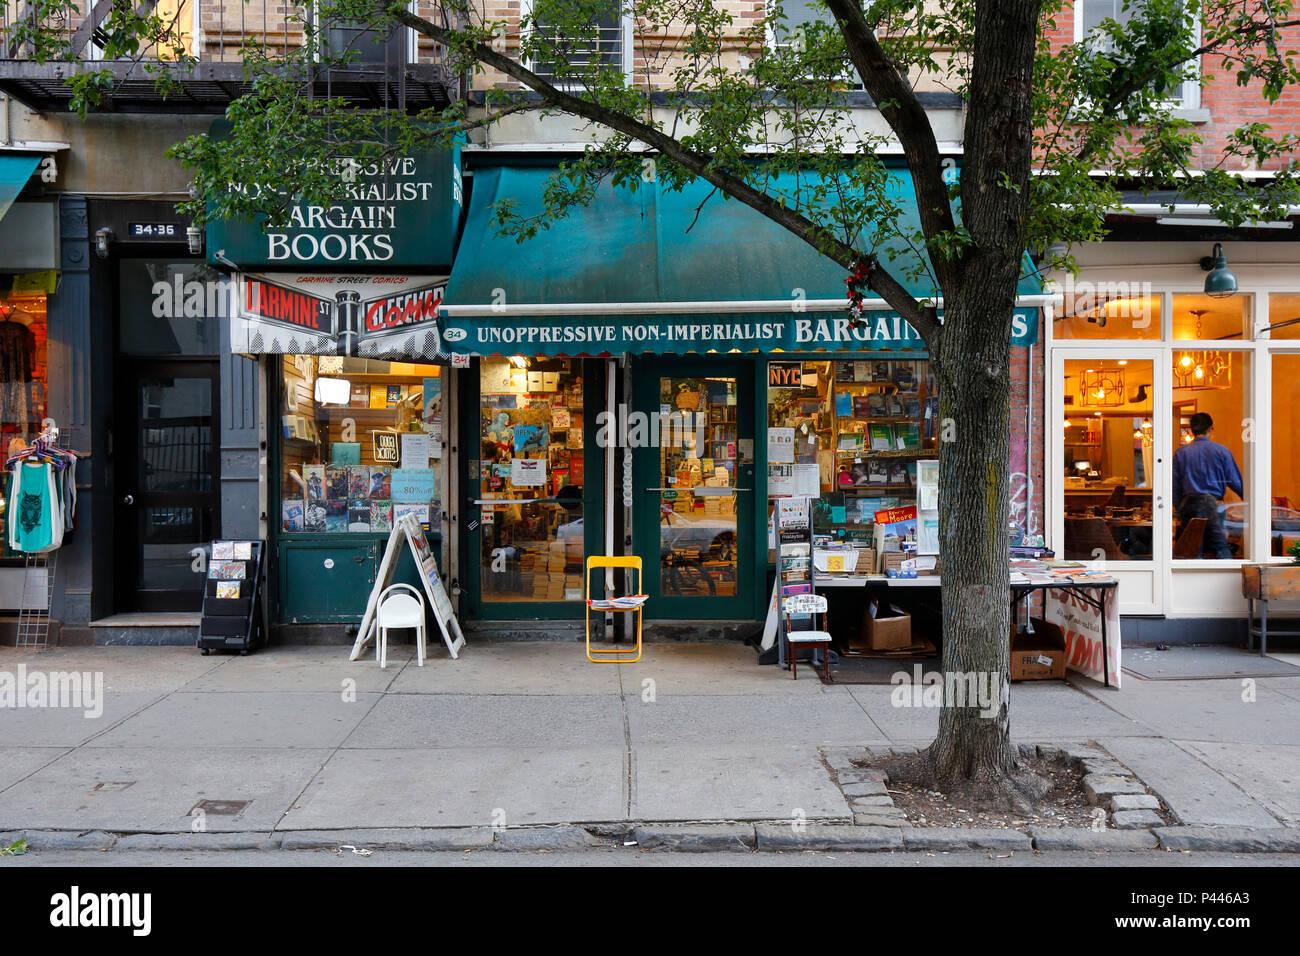 Unoppressive Non-imperialist Bargain Books, 34 Carmine St, New York, NY - Stock Image